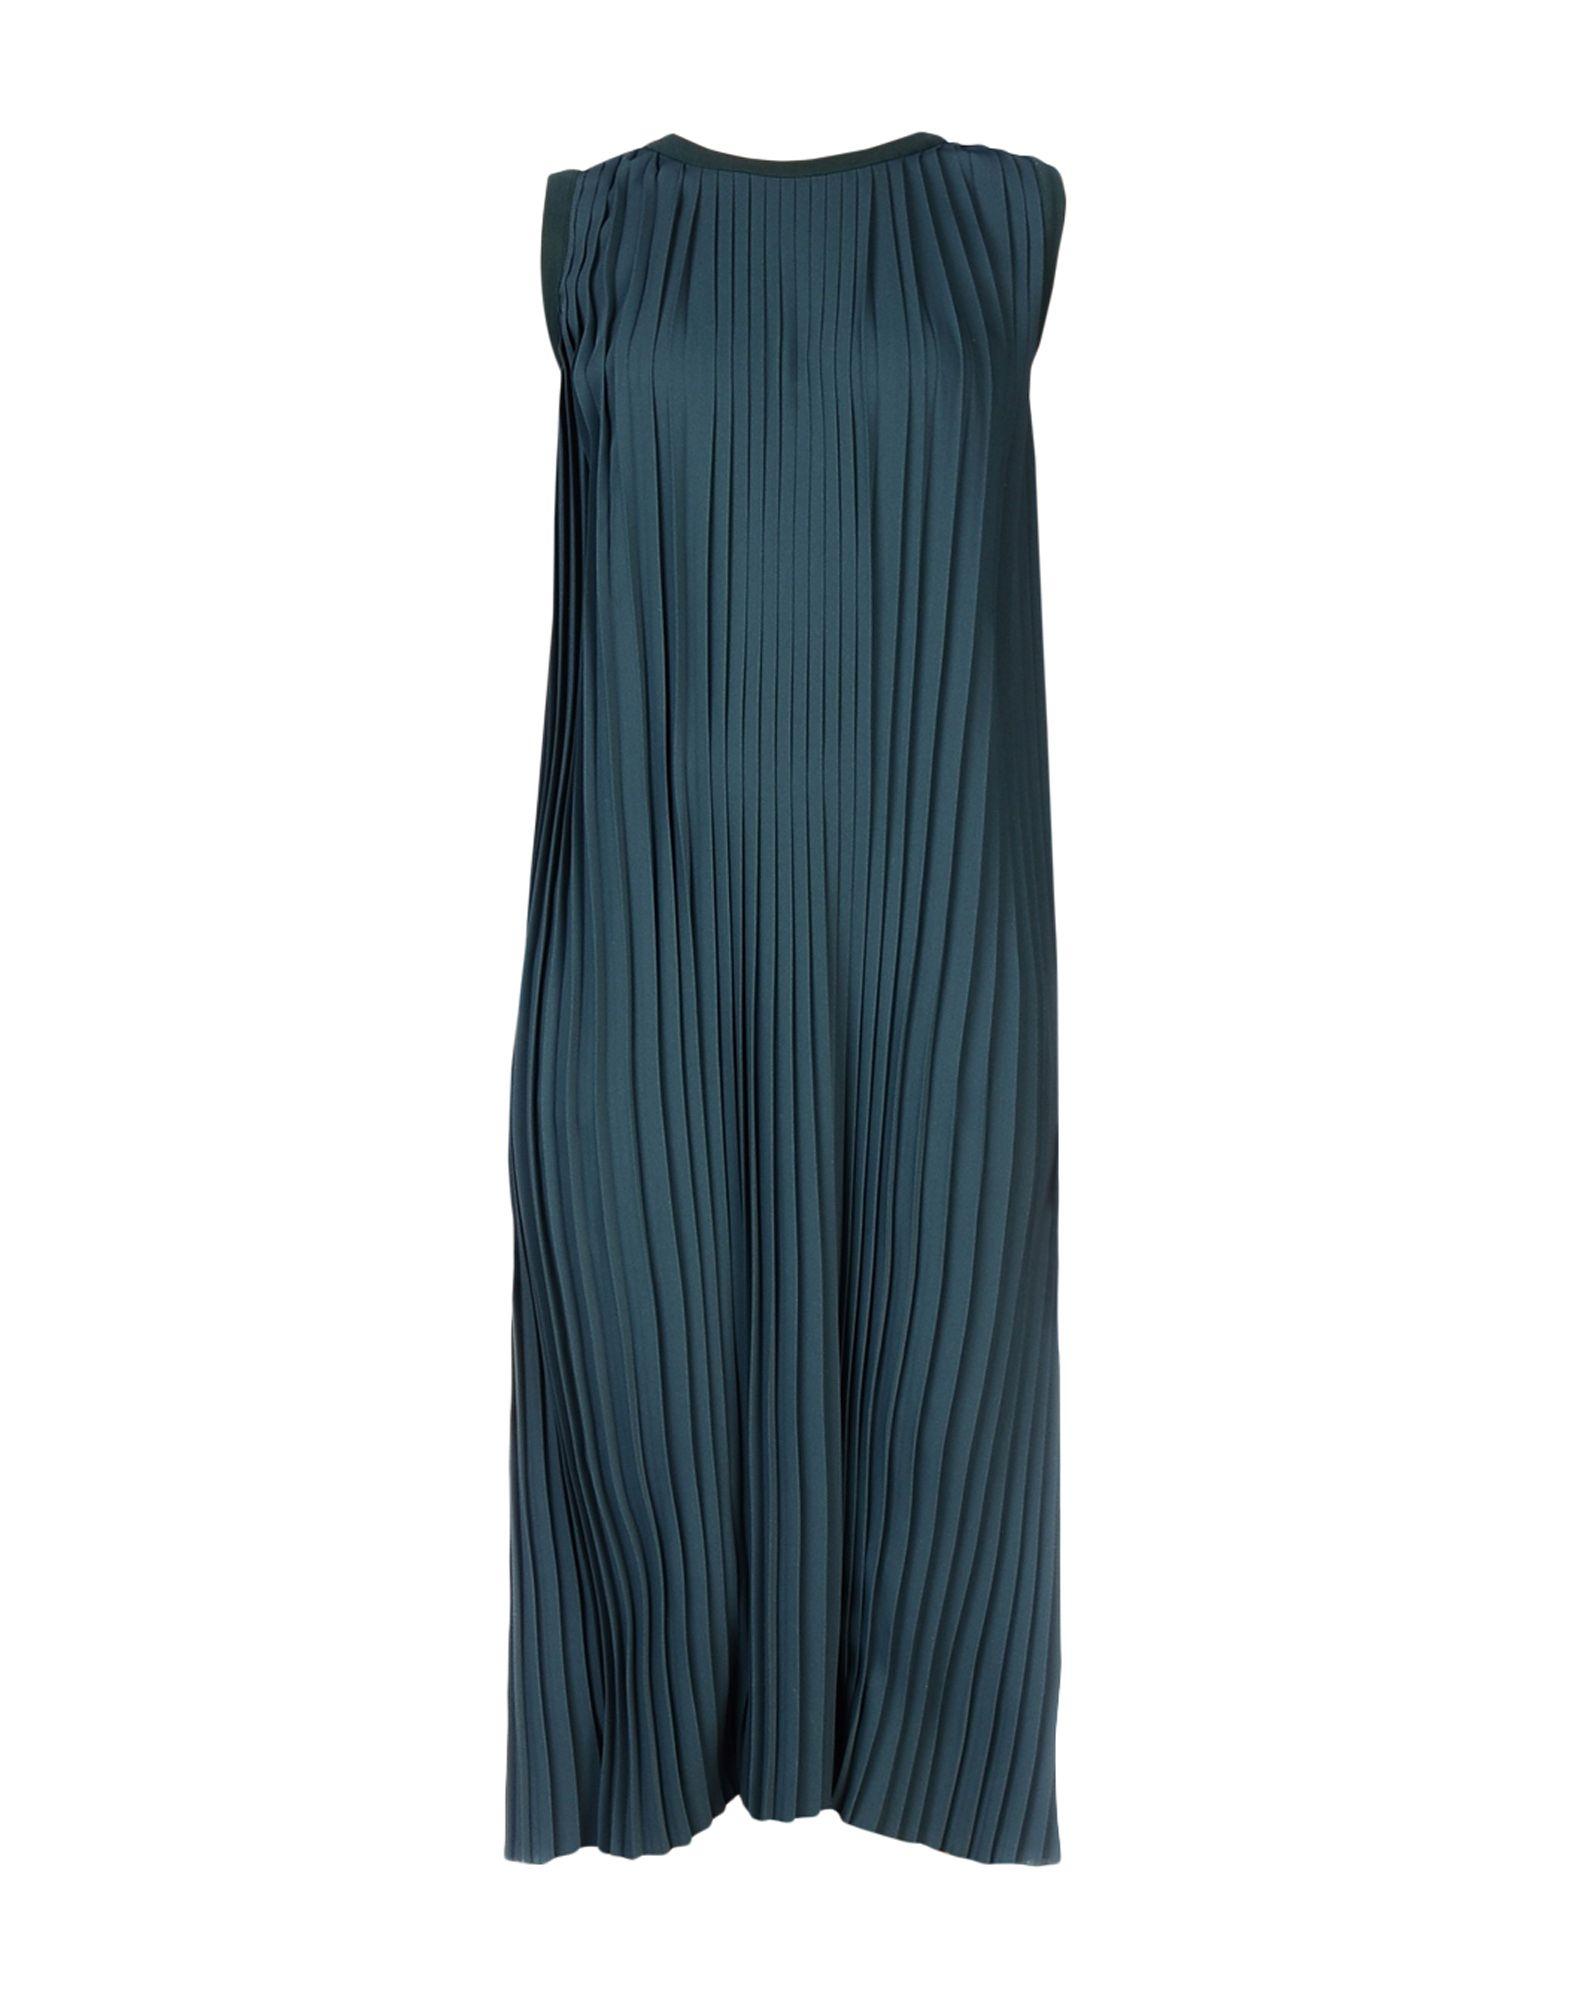 MM6 MAISON MARGIELA Damen Midikleid Farbe Dunkelgrün Größe 5 jetztbilligerkaufen